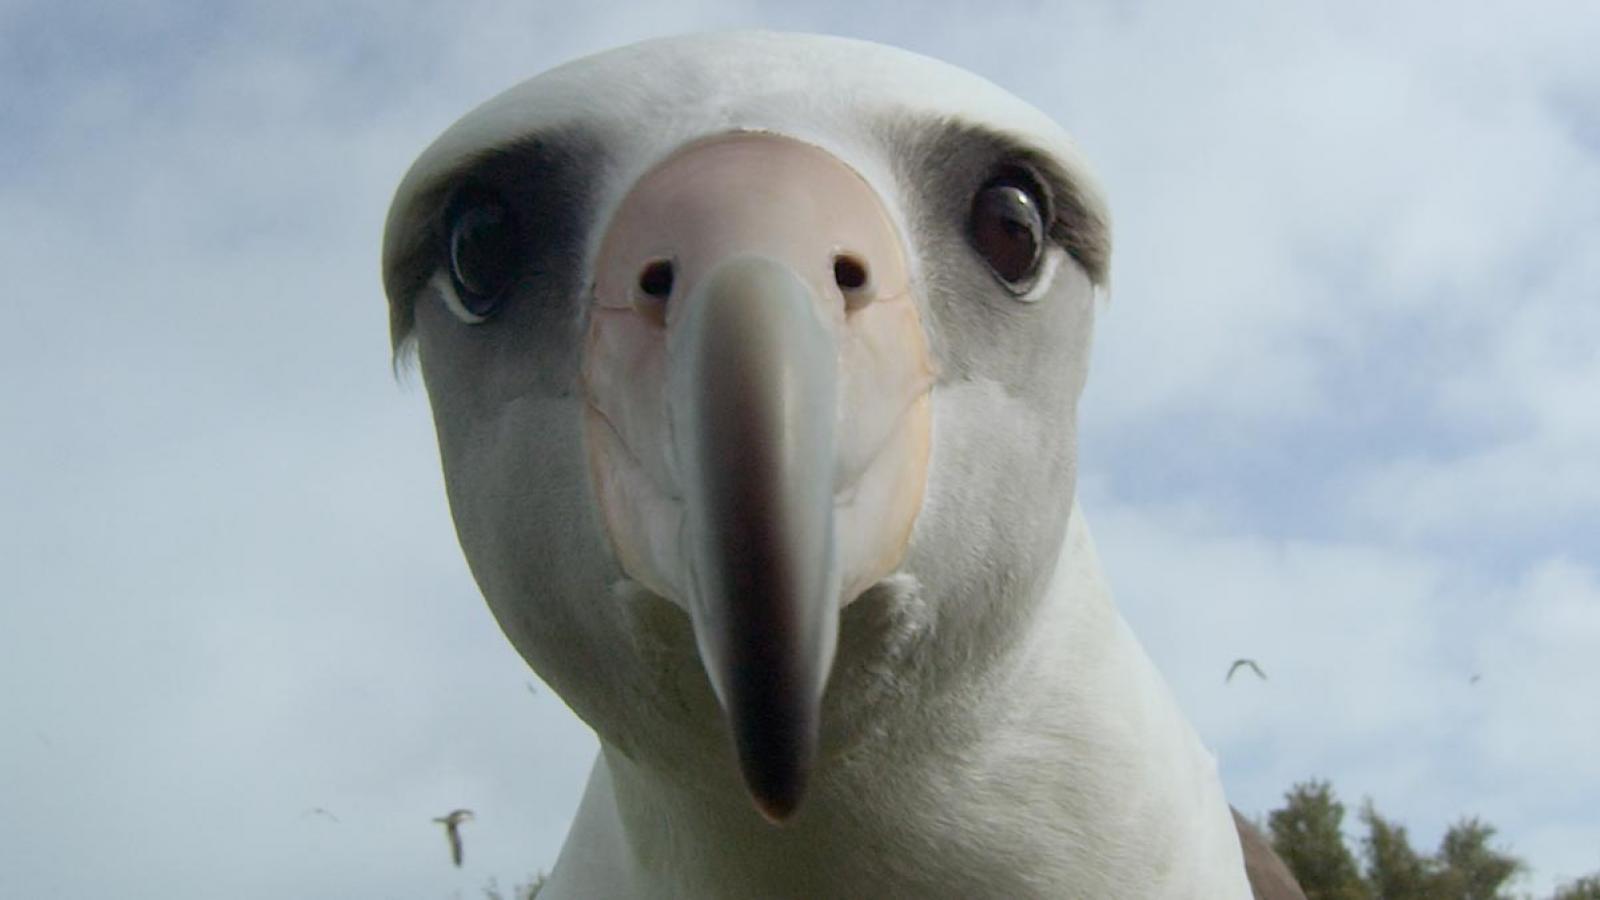 Bird looking at camera